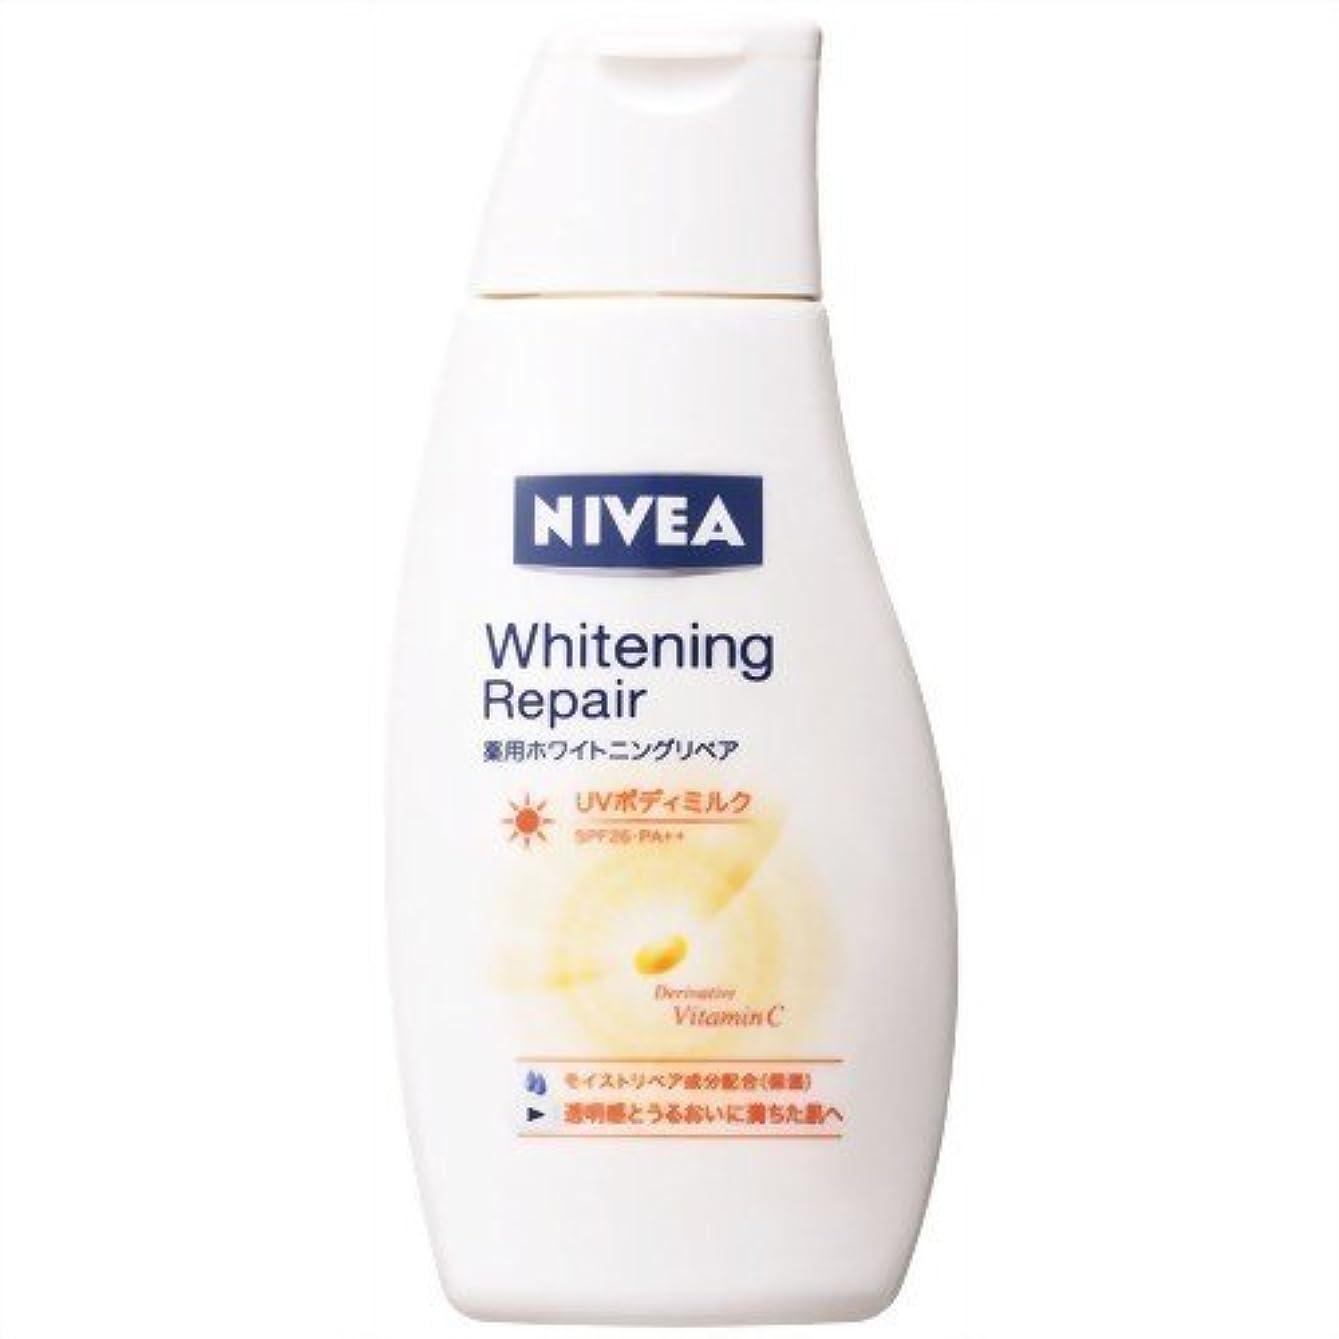 お客様適切なメンテナンスニベア 薬用ホワイトニングリペア UVボディミルク(150mL)